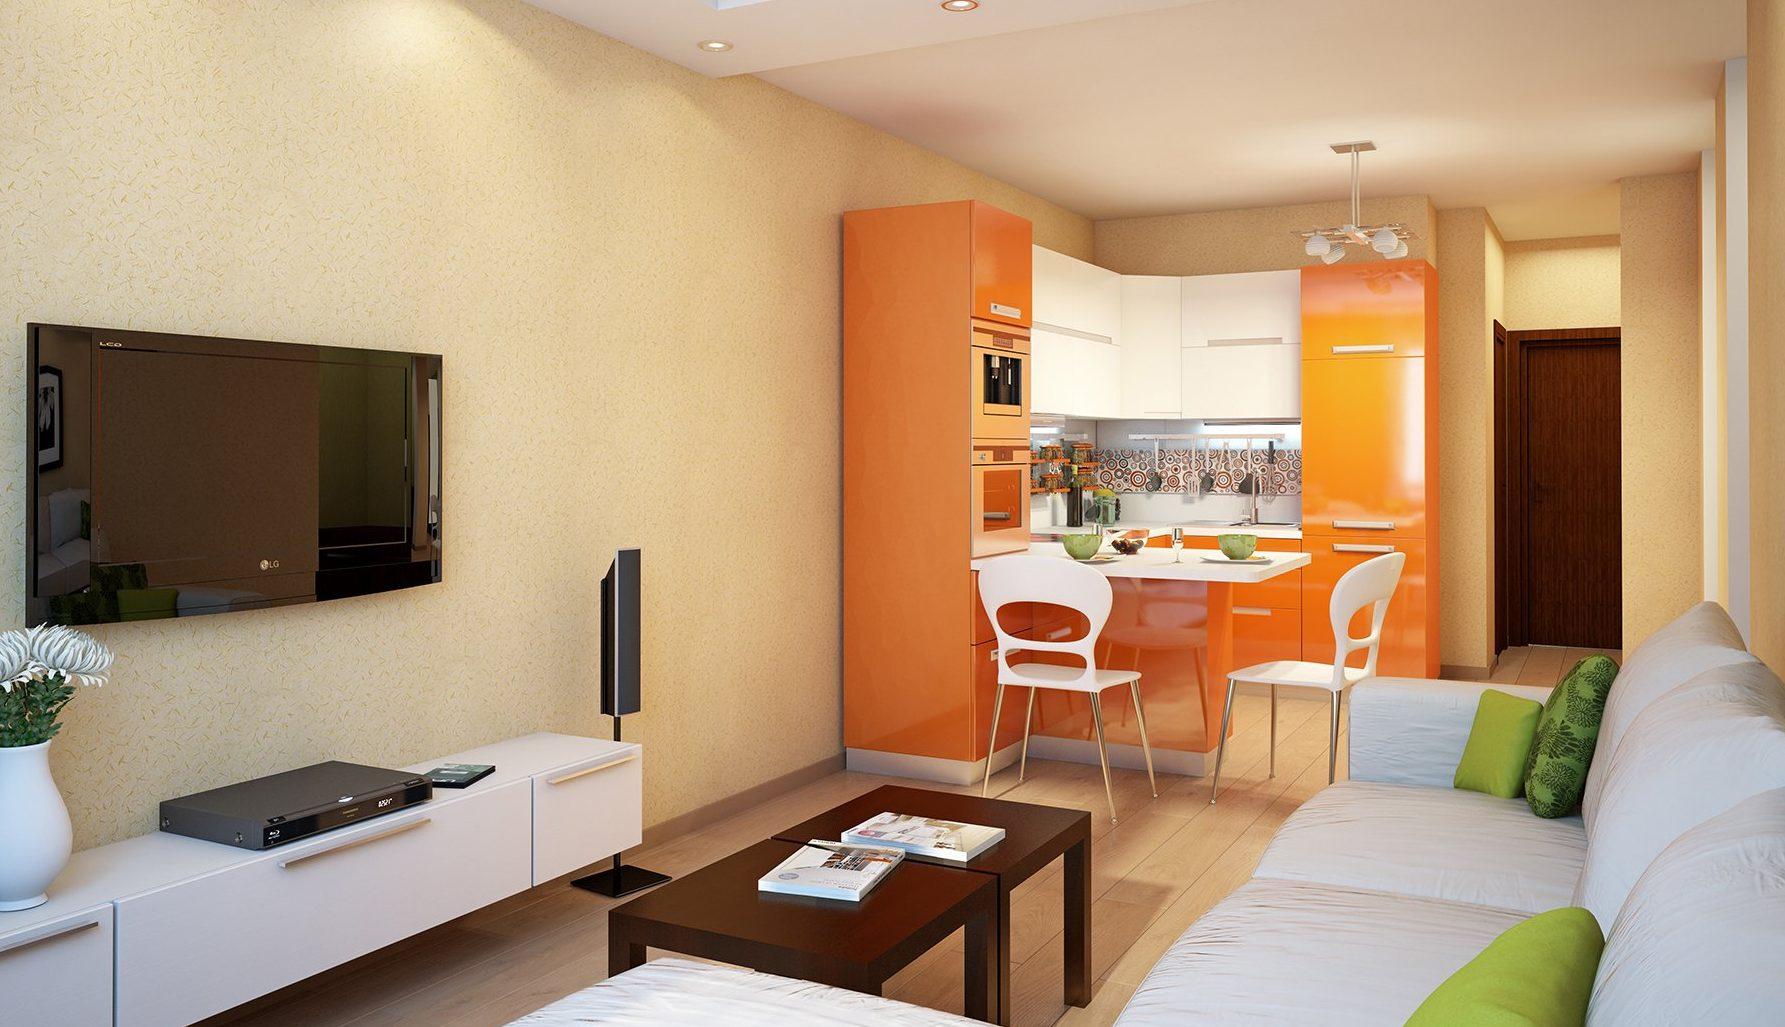 Оранжевый кухонный гарнитур в квартире-студии